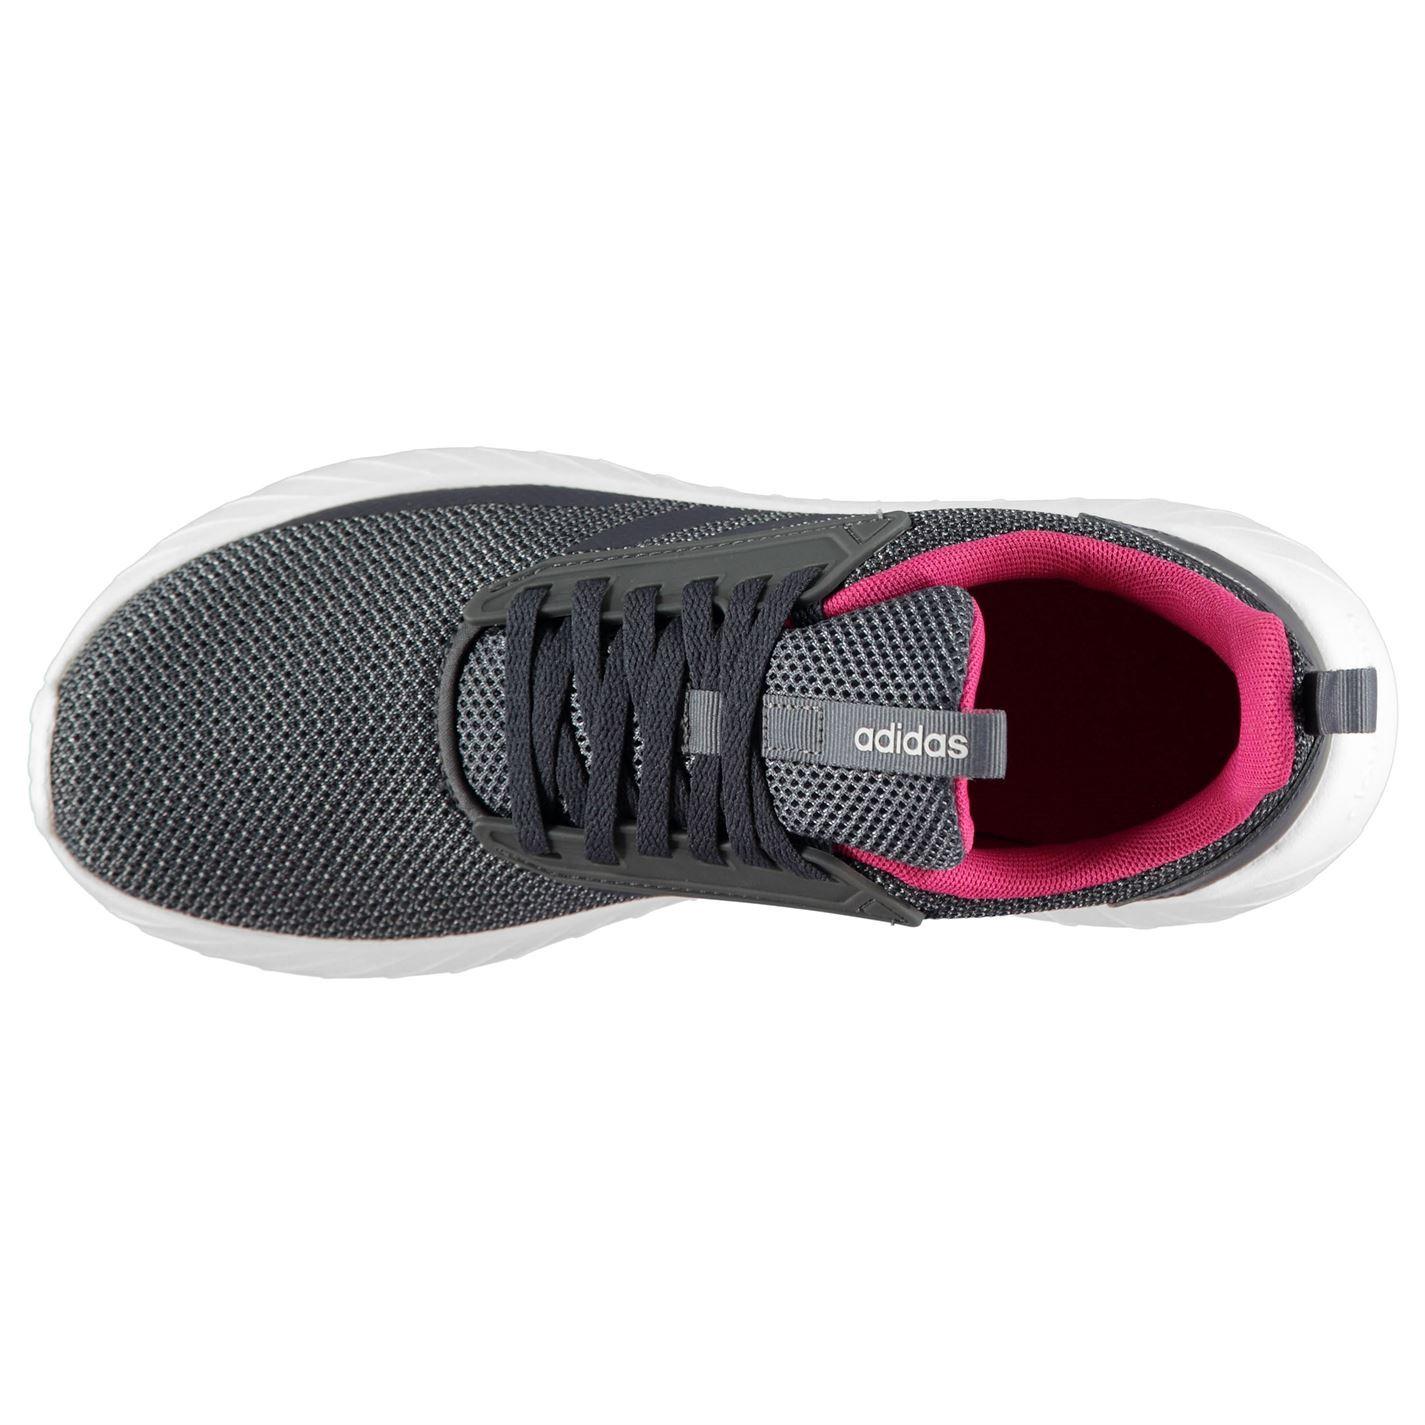 Azul Título De Original Unidad Marinorosablanco Zapatos Junior Questar Acerca Calzado Adidas Entrenadores Detalles Mostrar Girls j34R5LA